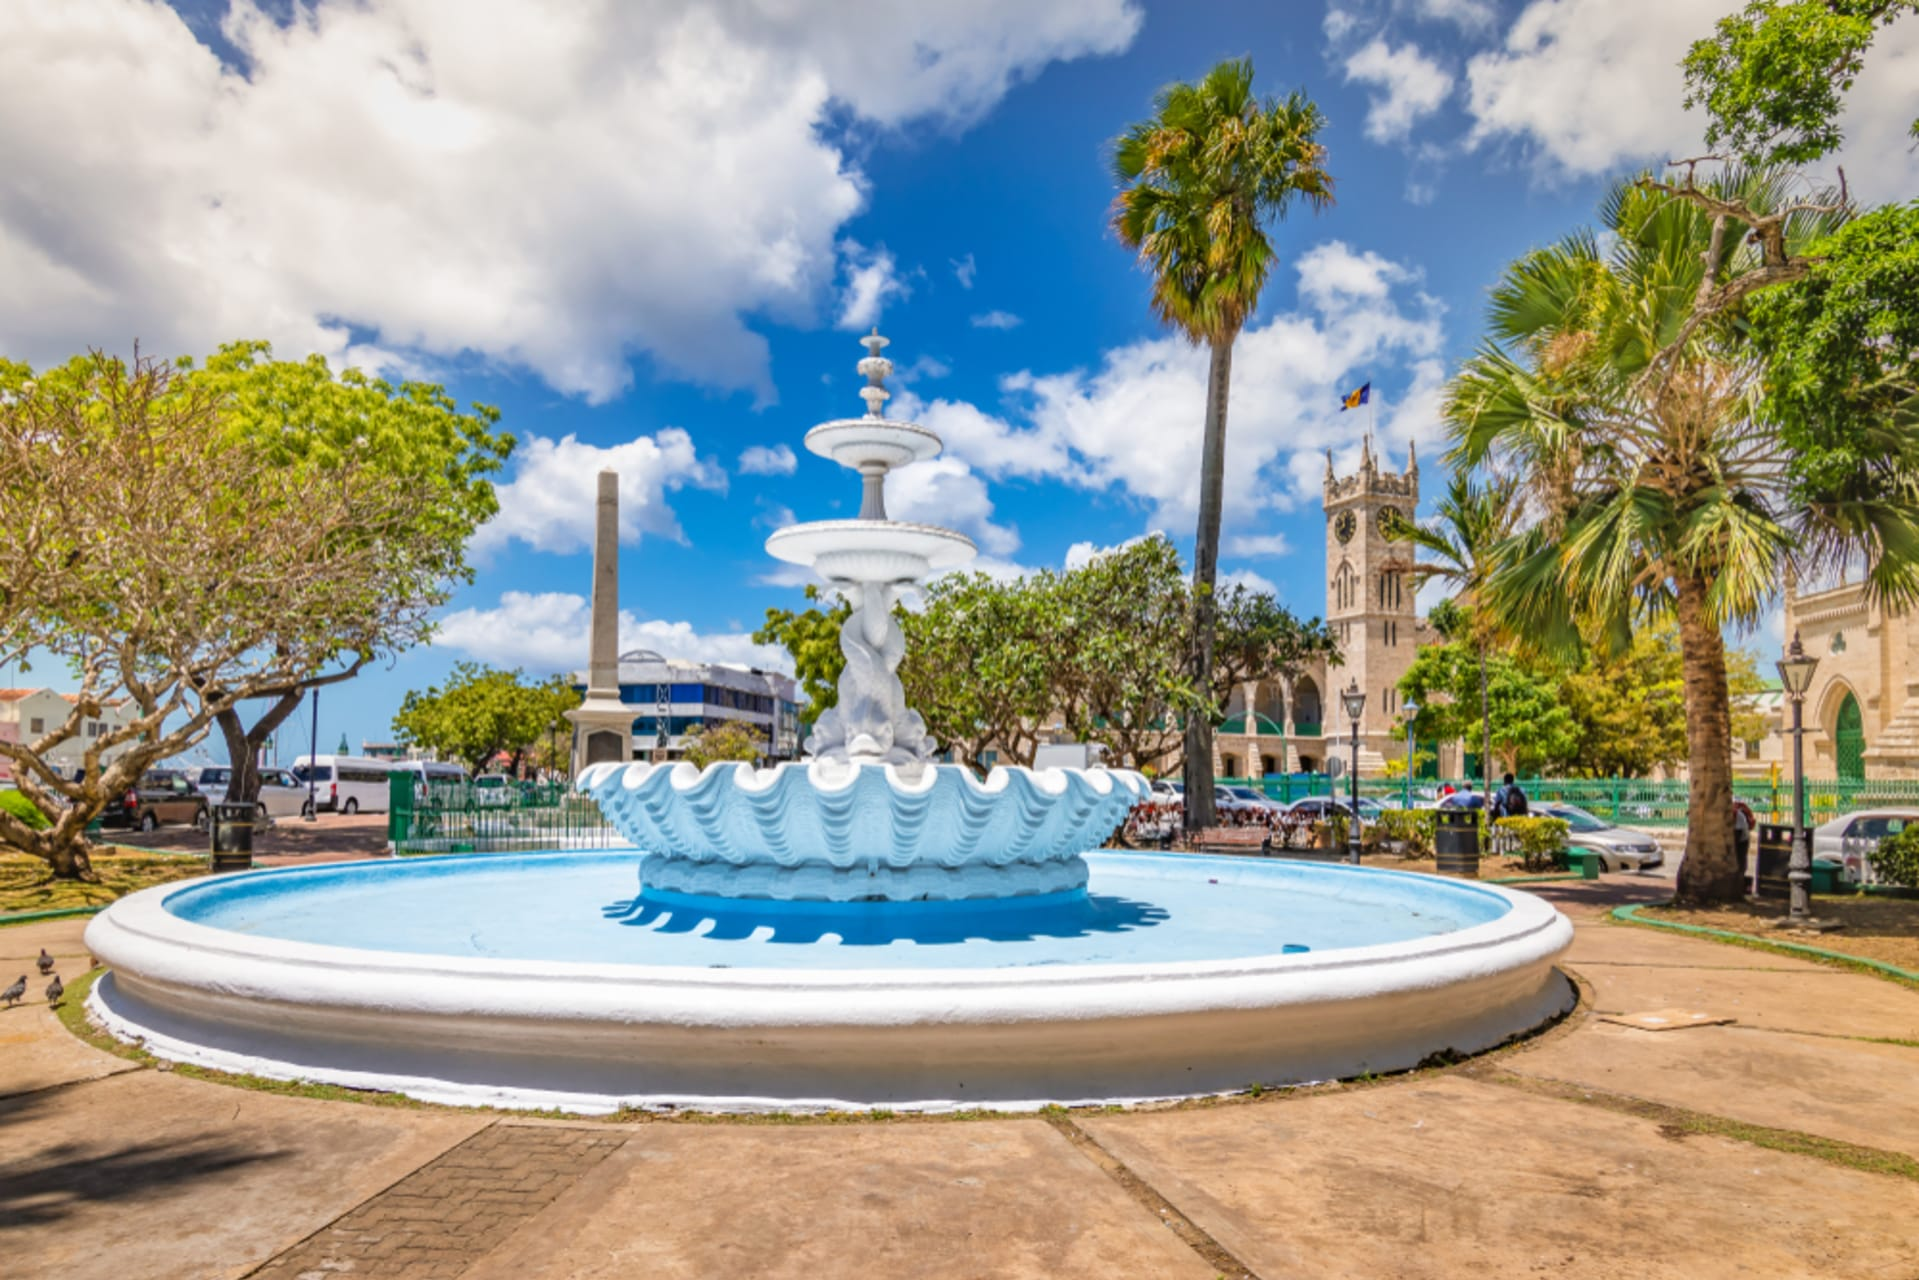 Barbados - Historic Bridgetown; Barbados: A World Heritage Site